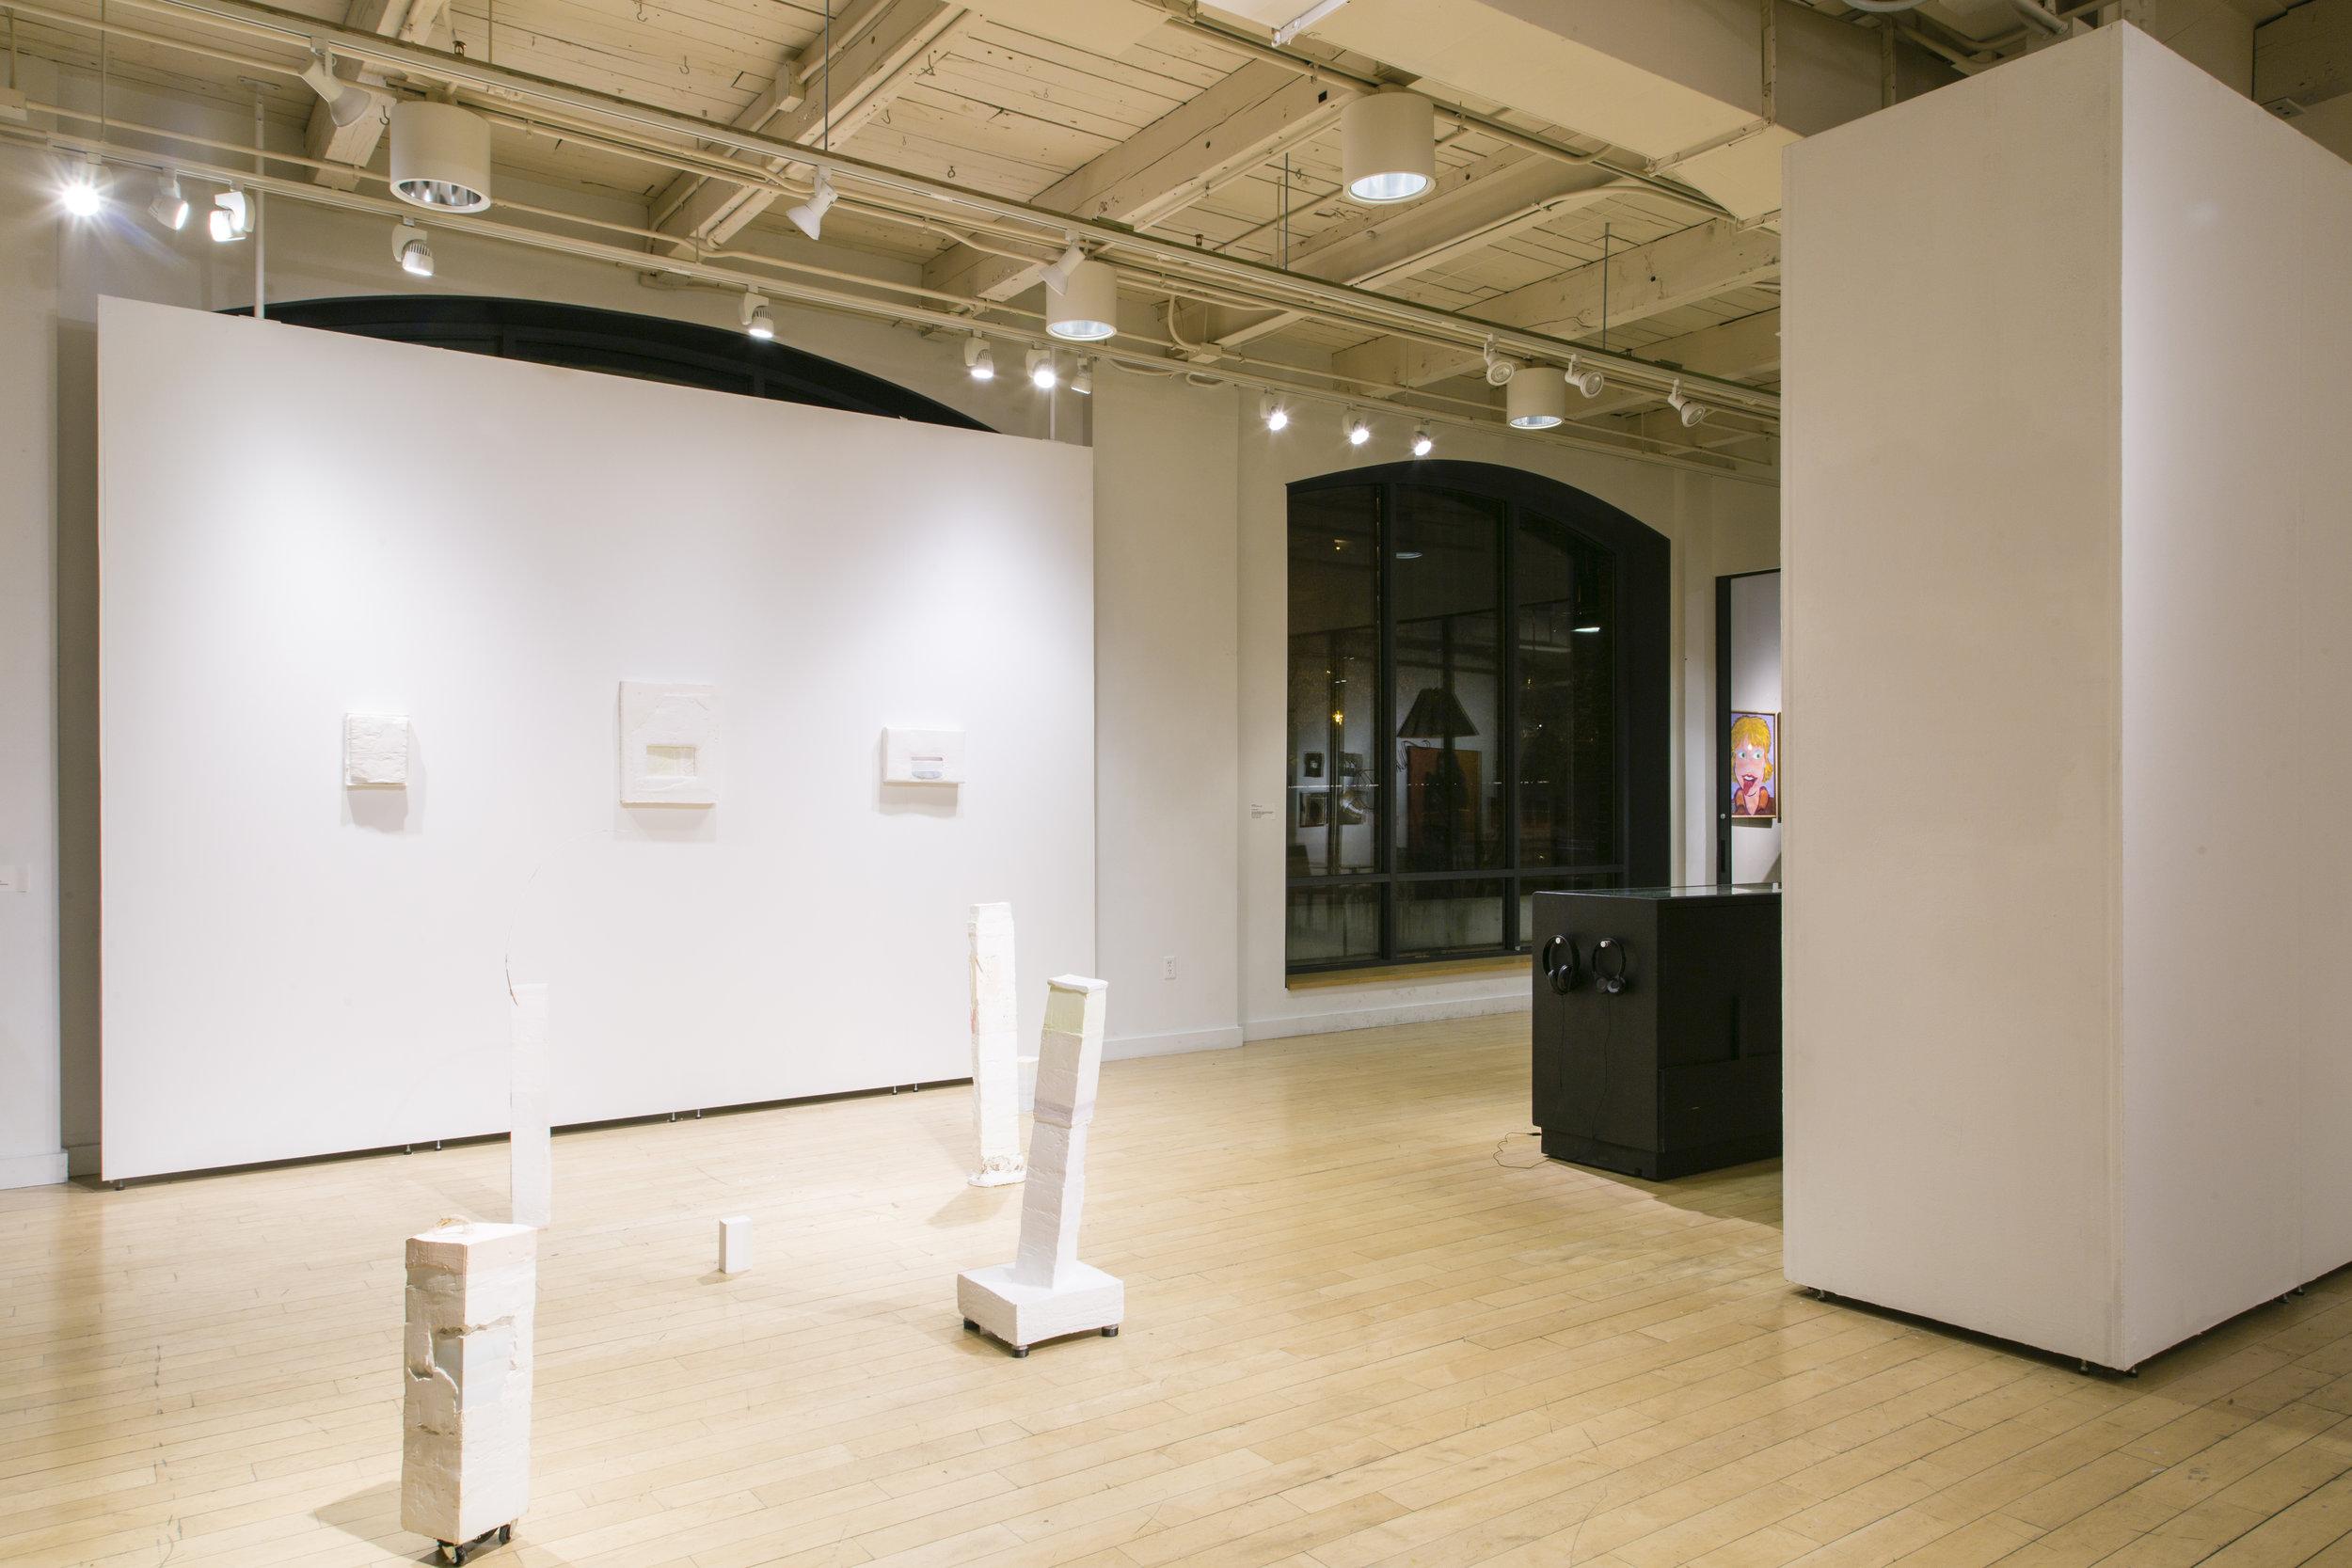 Gradshow_Exhibition3-23.jpg